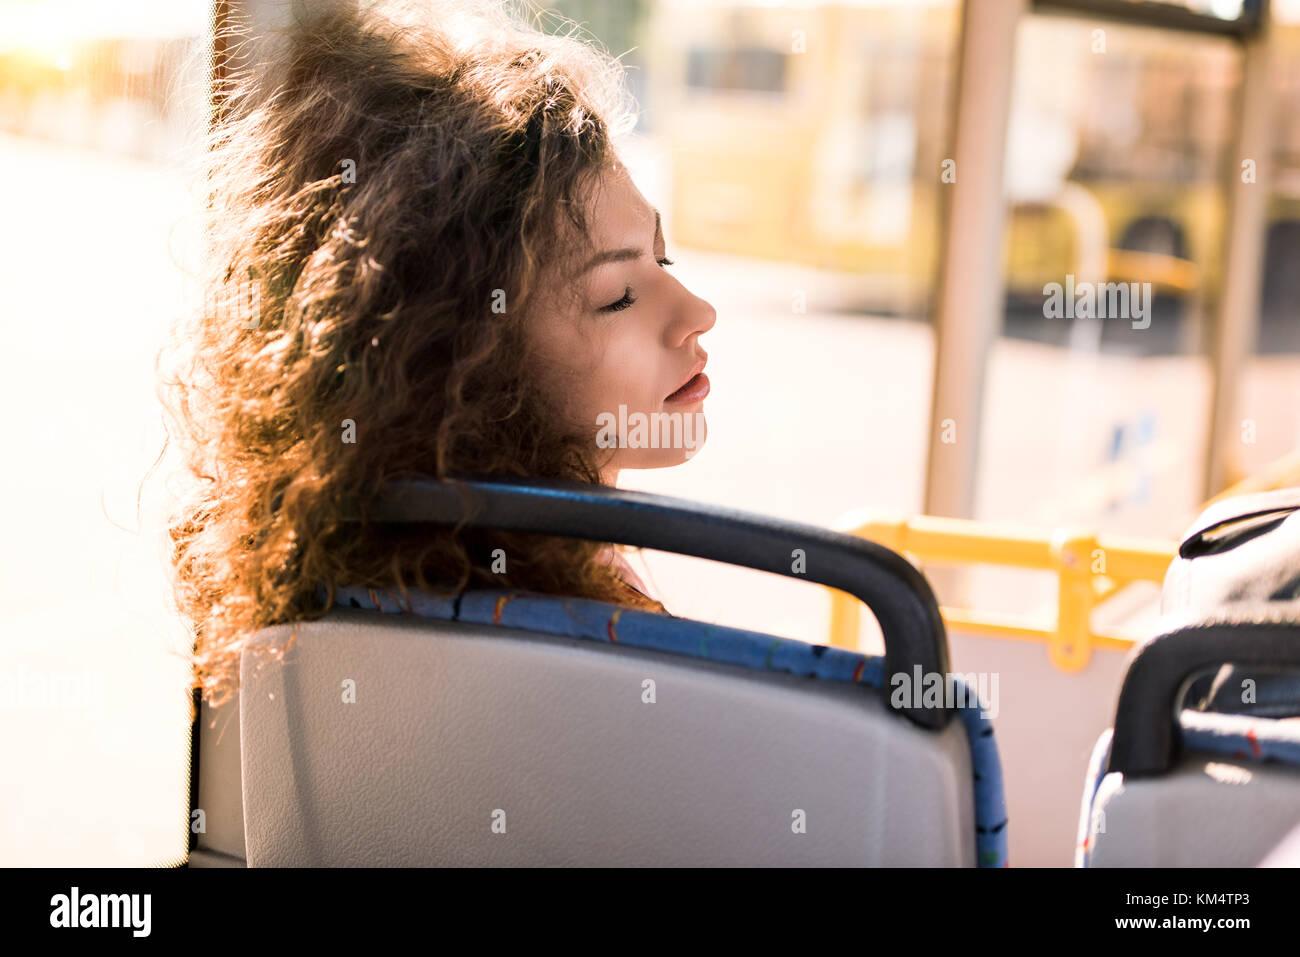 Chica durmiendo en bus Imagen De Stock